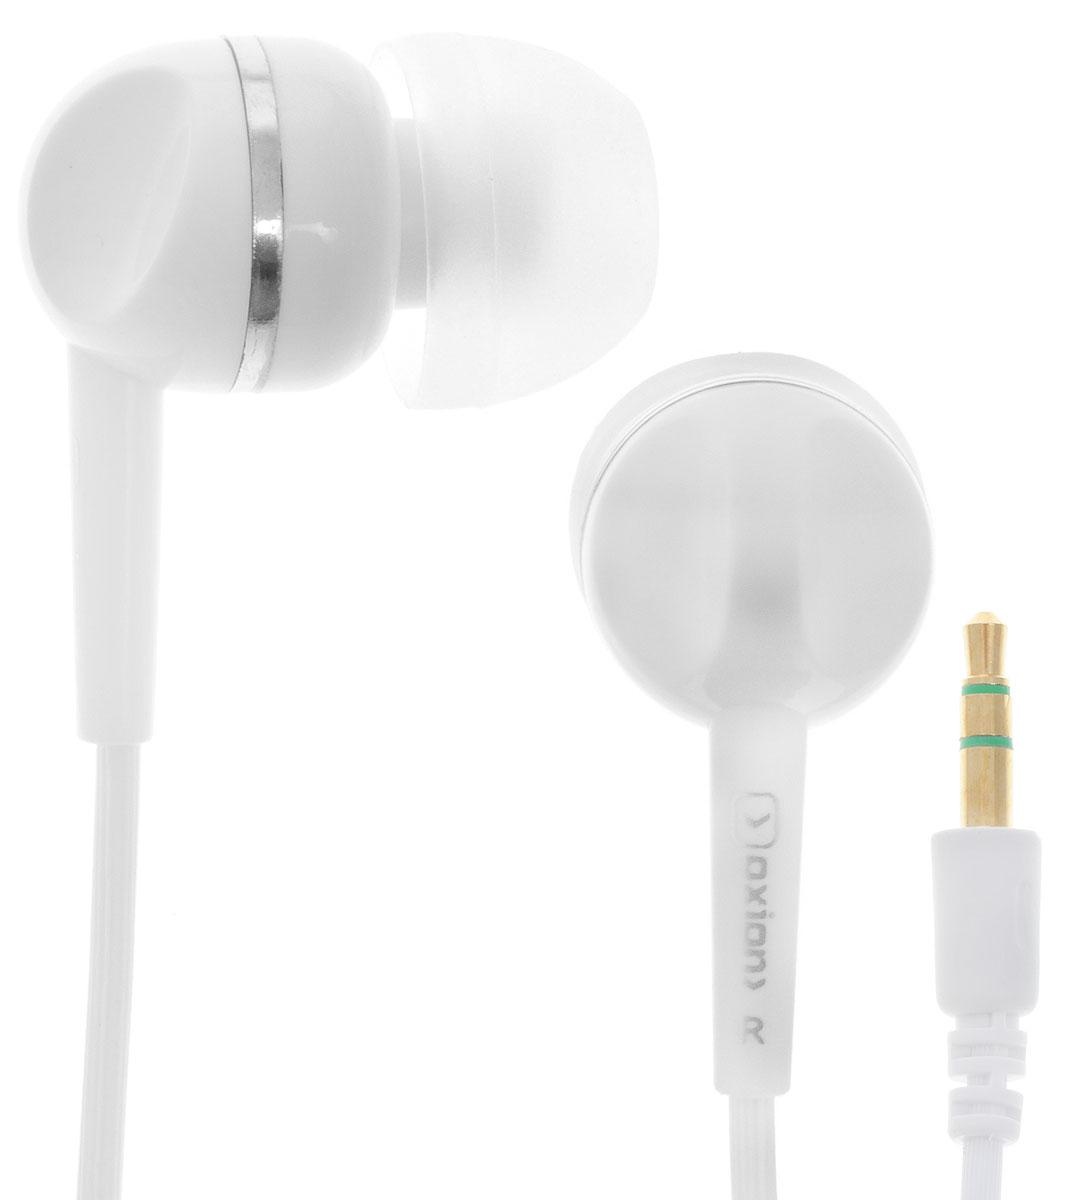 Oxion EPO400, White наушникиEPO400WHСтильные проводные стереонаушники Oxion EPO400 с внутриканальными силиконовыми вкладками. Закрытый дизайн конструкции и высококачественный динамик обеспечивают хорошую защиту от внешних шумов и отличную звукопередачу. Легкие и комфортные в применении.